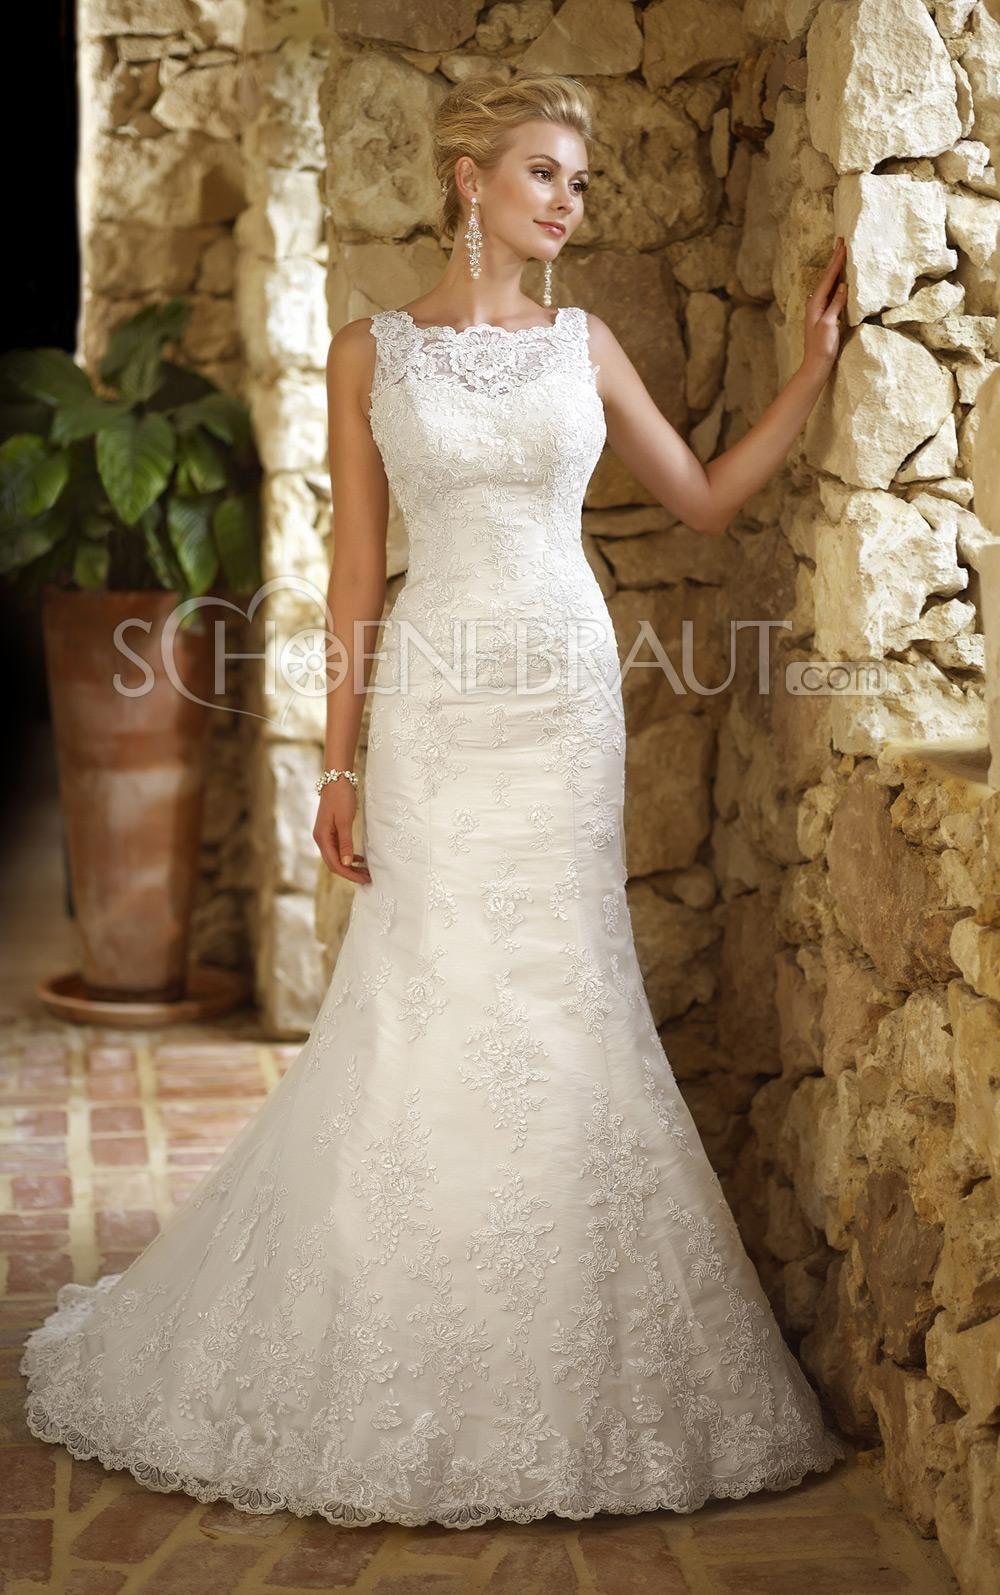 Applikation Organza Meerjungfrau Hochzeitskleid mit Pinsel-Schleppe ...